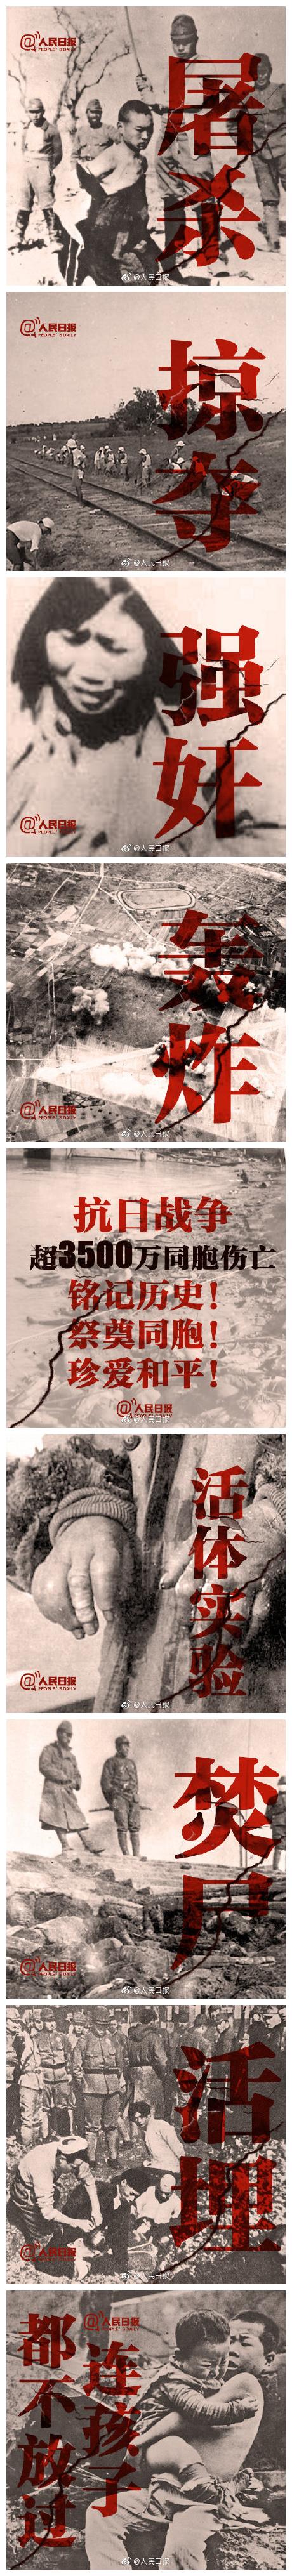 日本宣布投降74周年!铭记历史,珍惜和平